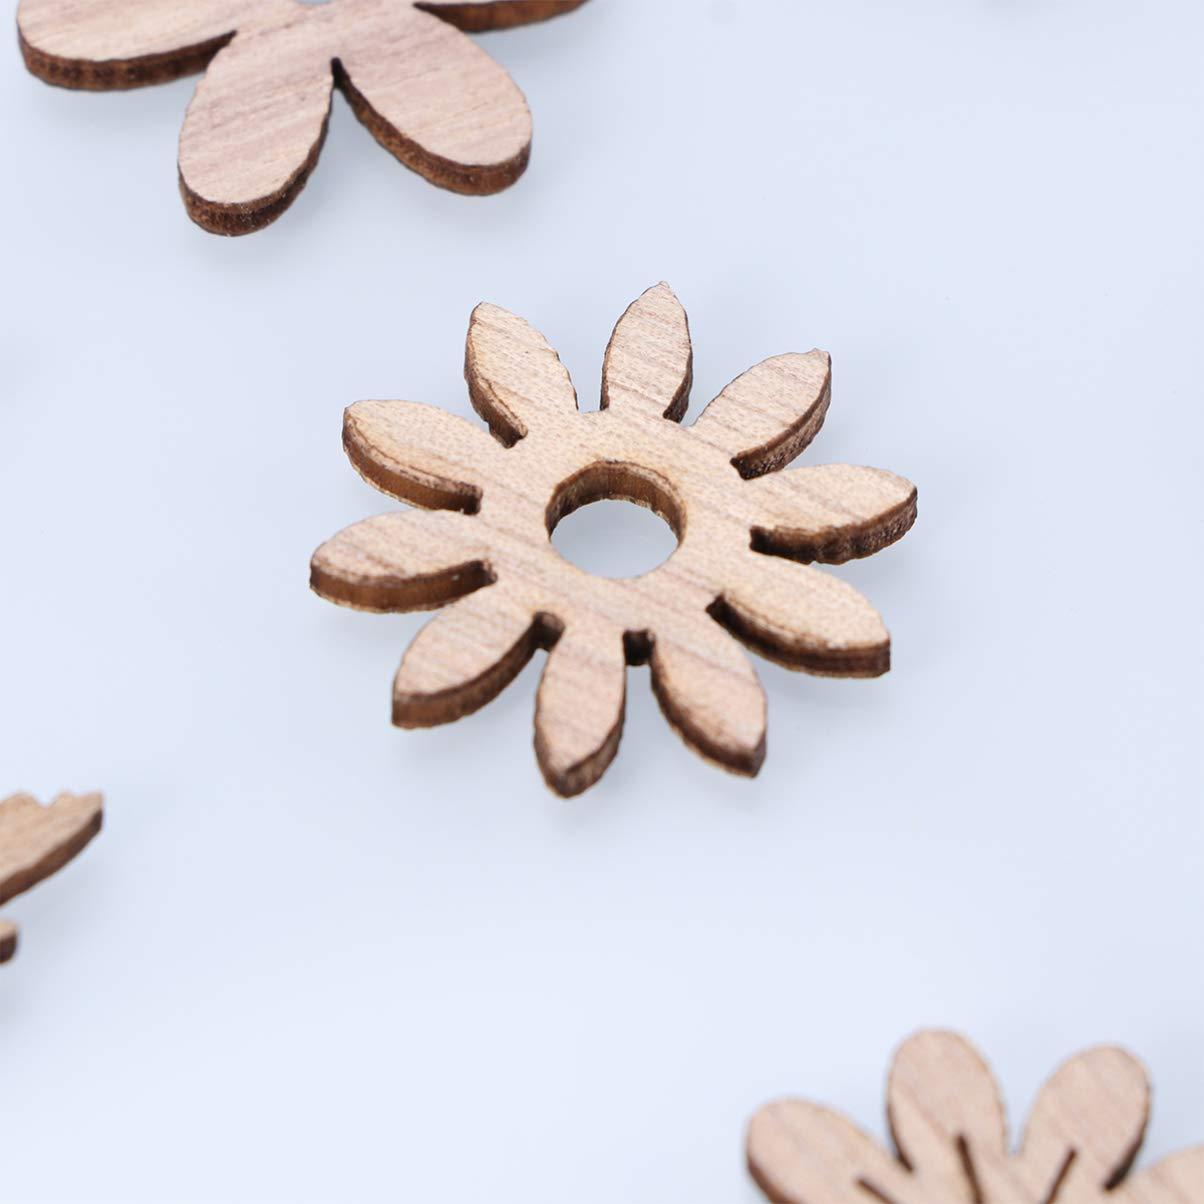 Amosfun 100pcs bois d/écoupes en bois oiseau papillon fleur tranches en bois embellissements table confettis d/écoration rustique ornements pour bricolage artisanat fournitures